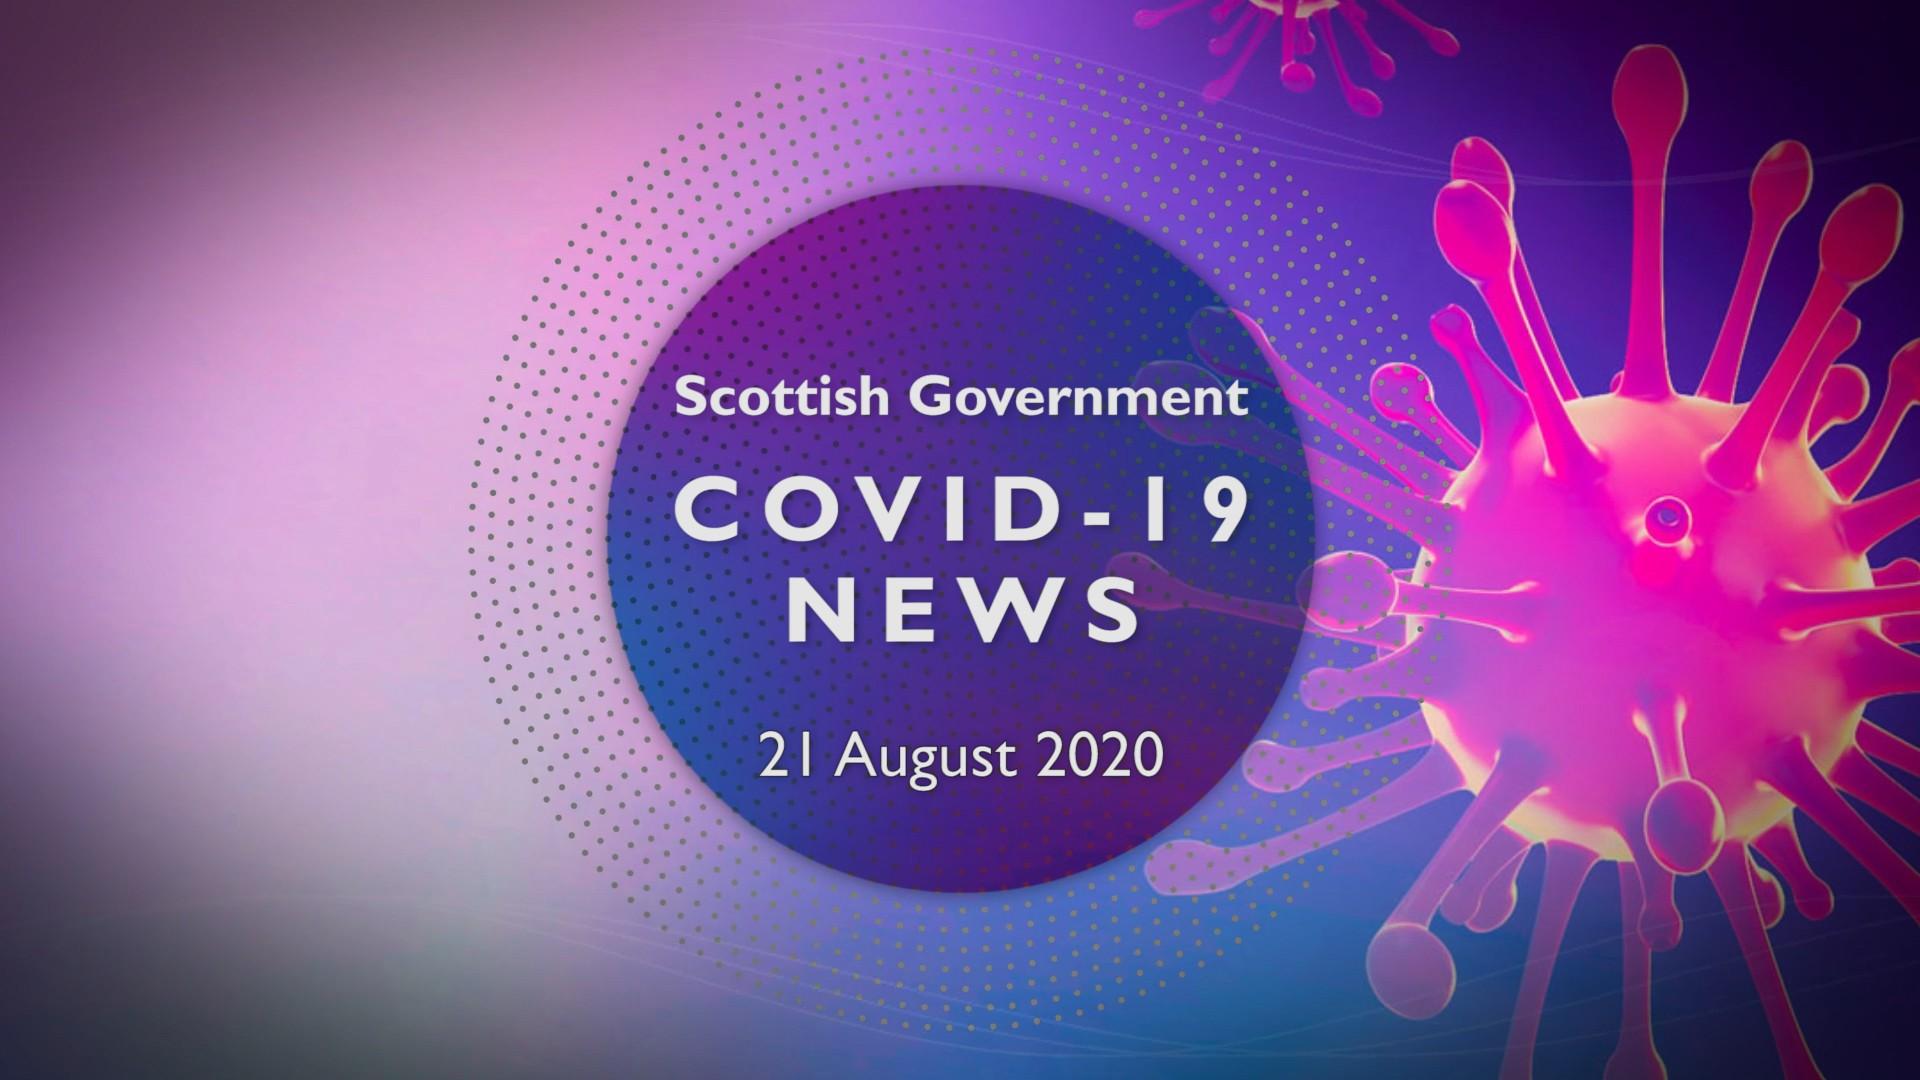 CV update 21st August 2020